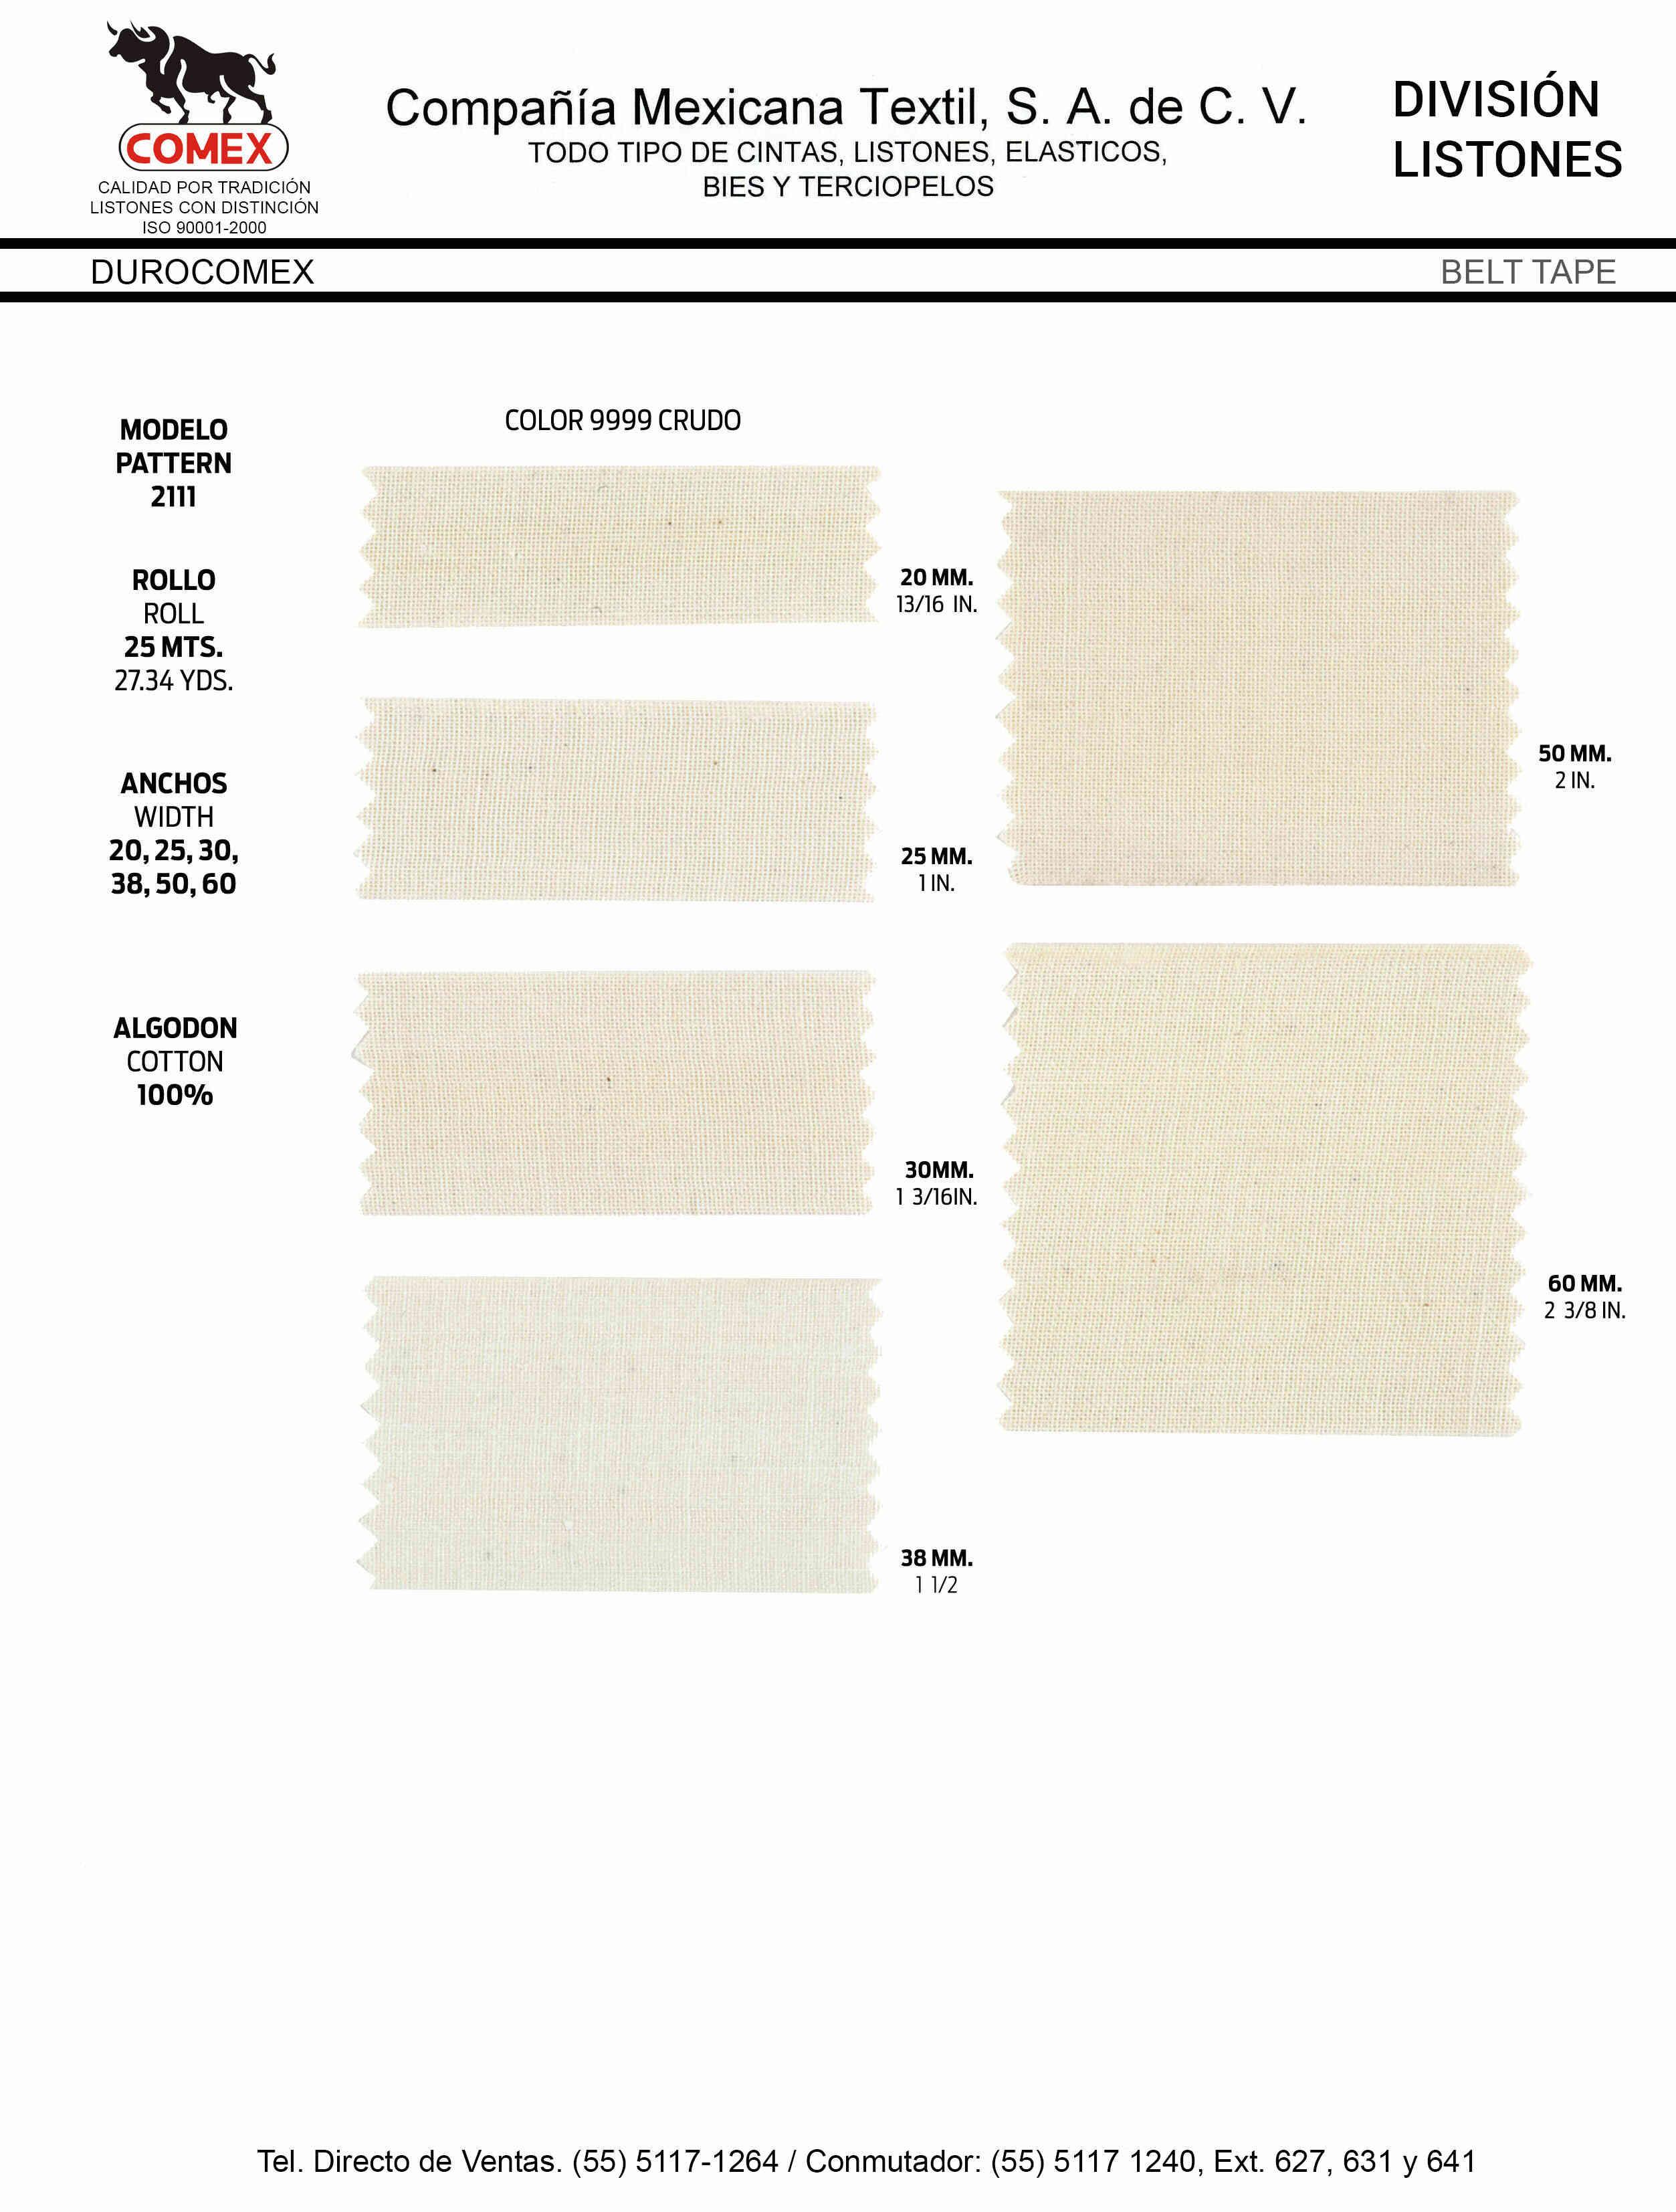 Anchos y Colores de Liston Mod.2111